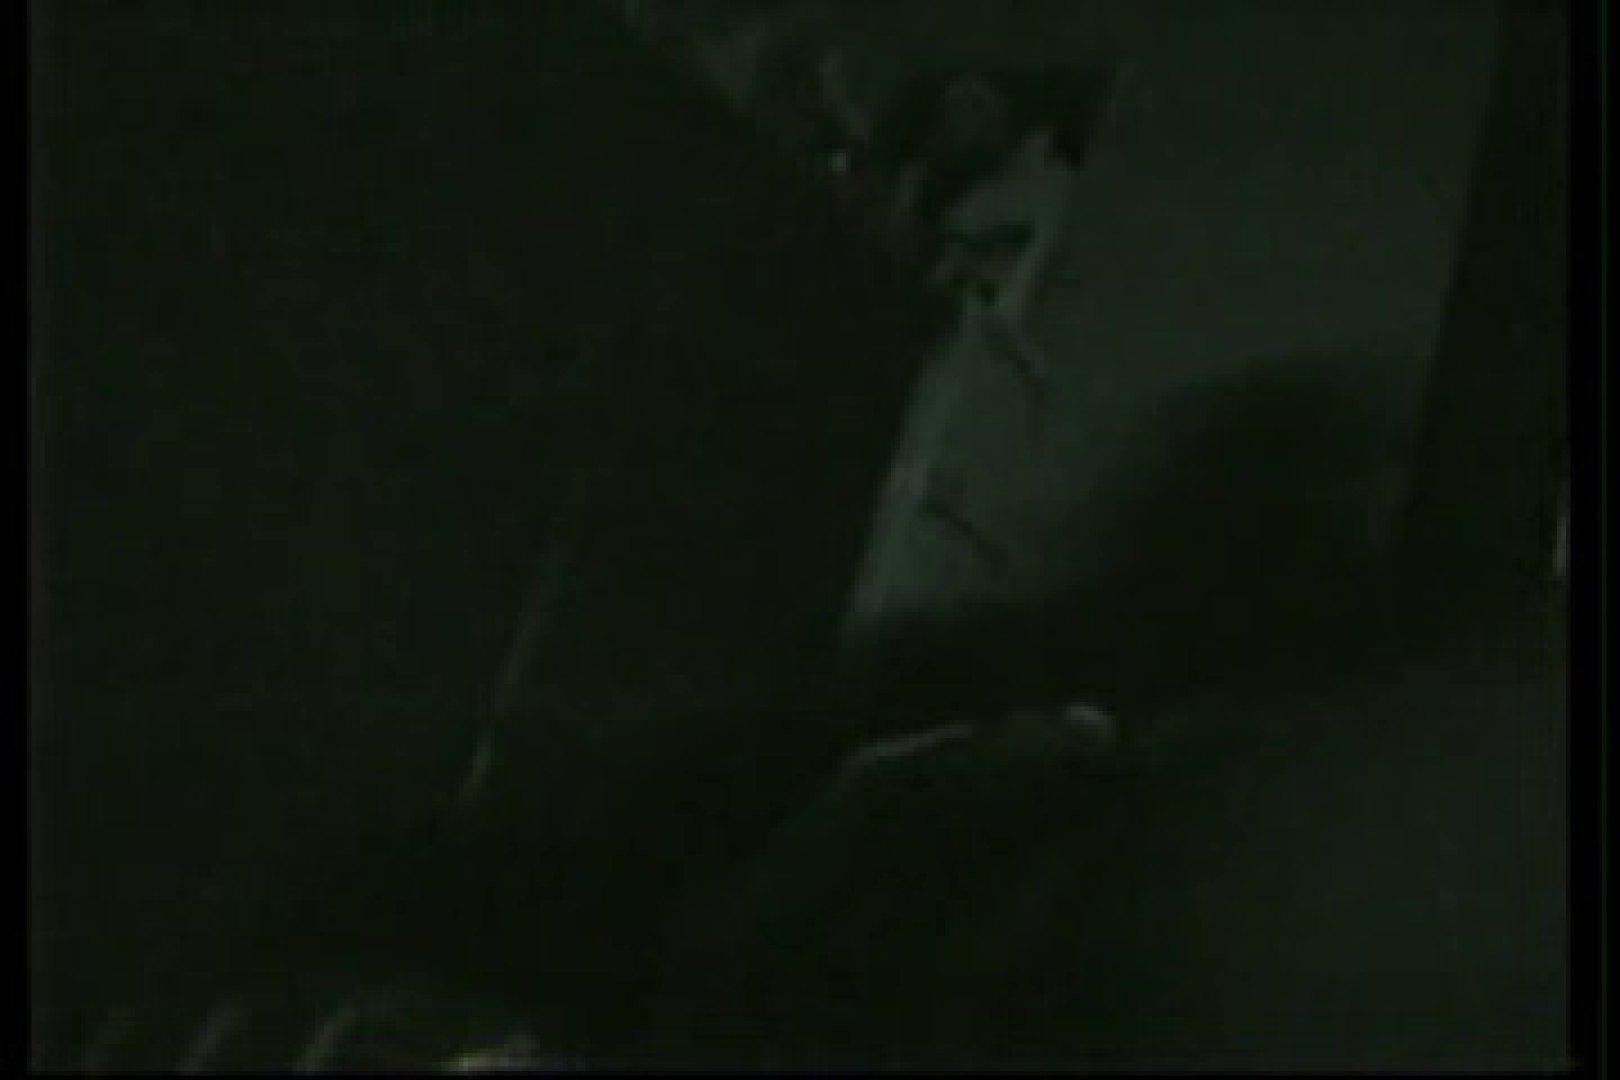 【実録個人撮影】男の子達の禁断の愛欲性活!!vol.02(対女性アナル責め) アナル責め ゲイ発射もろ画像 109枚 70